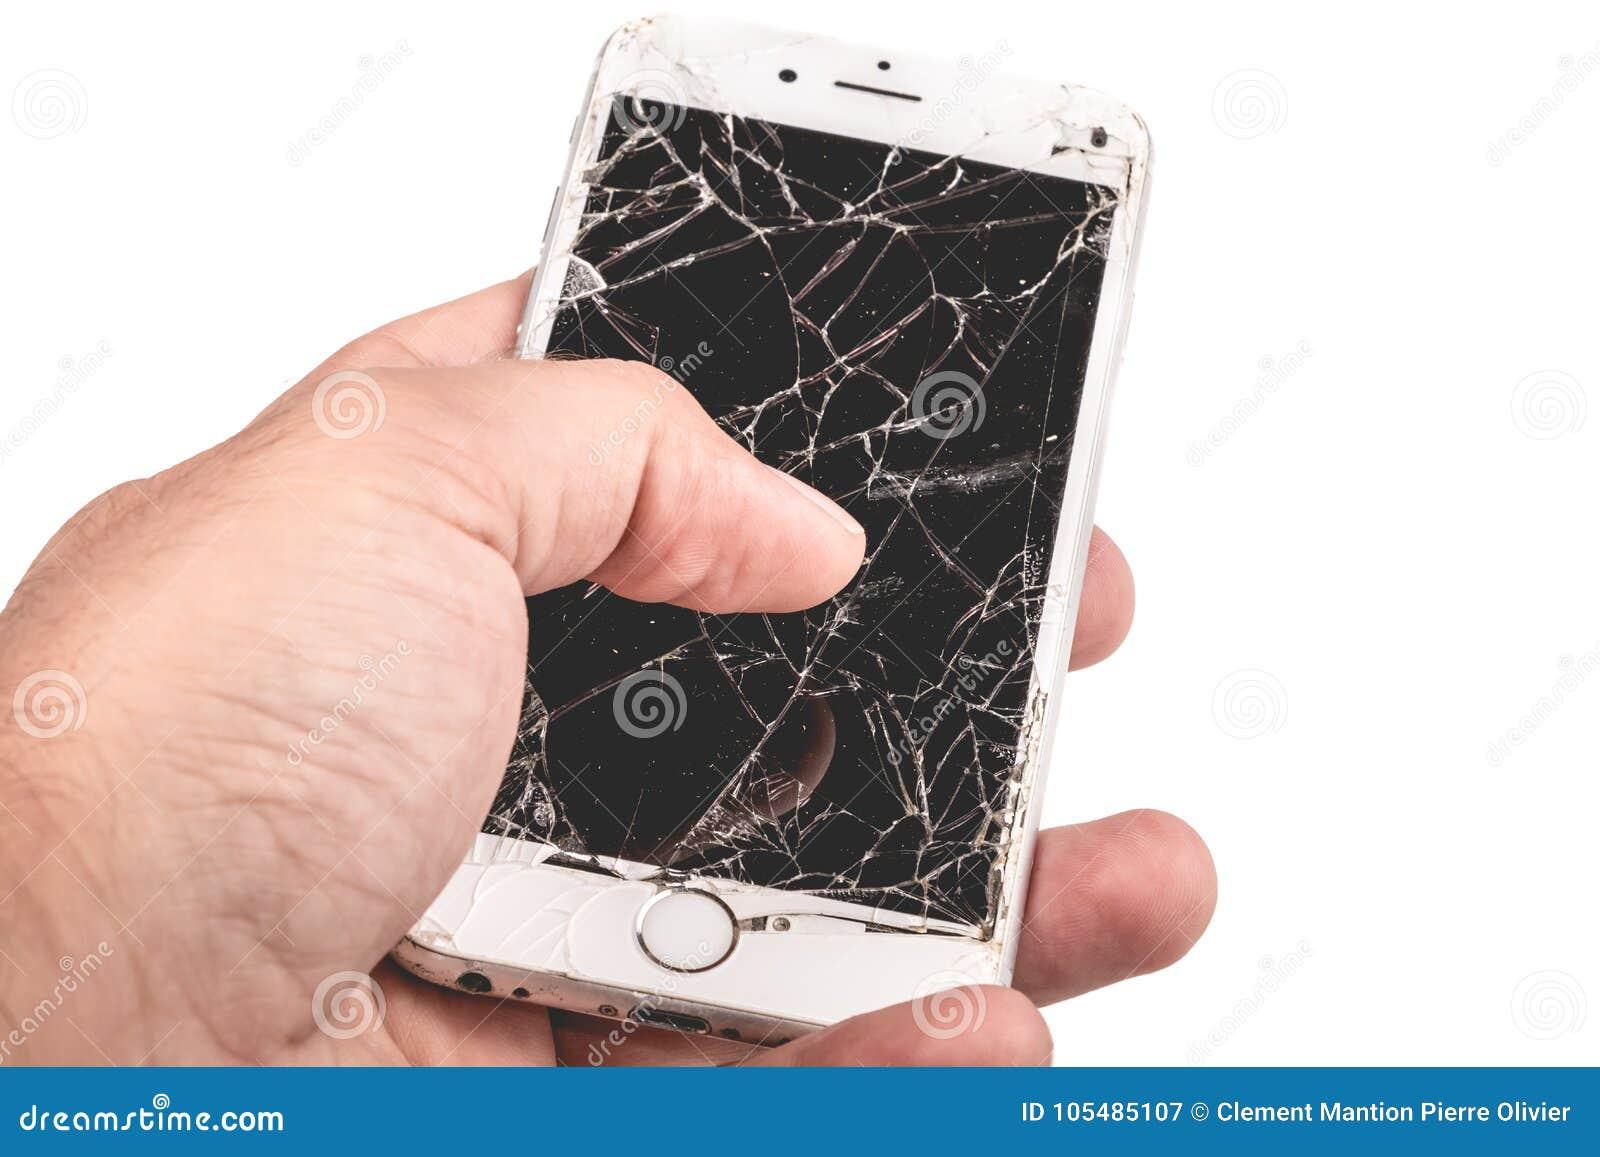 Ένα άτομο κρατά στο χέρι του ένα iphone 6S της Apple Inc